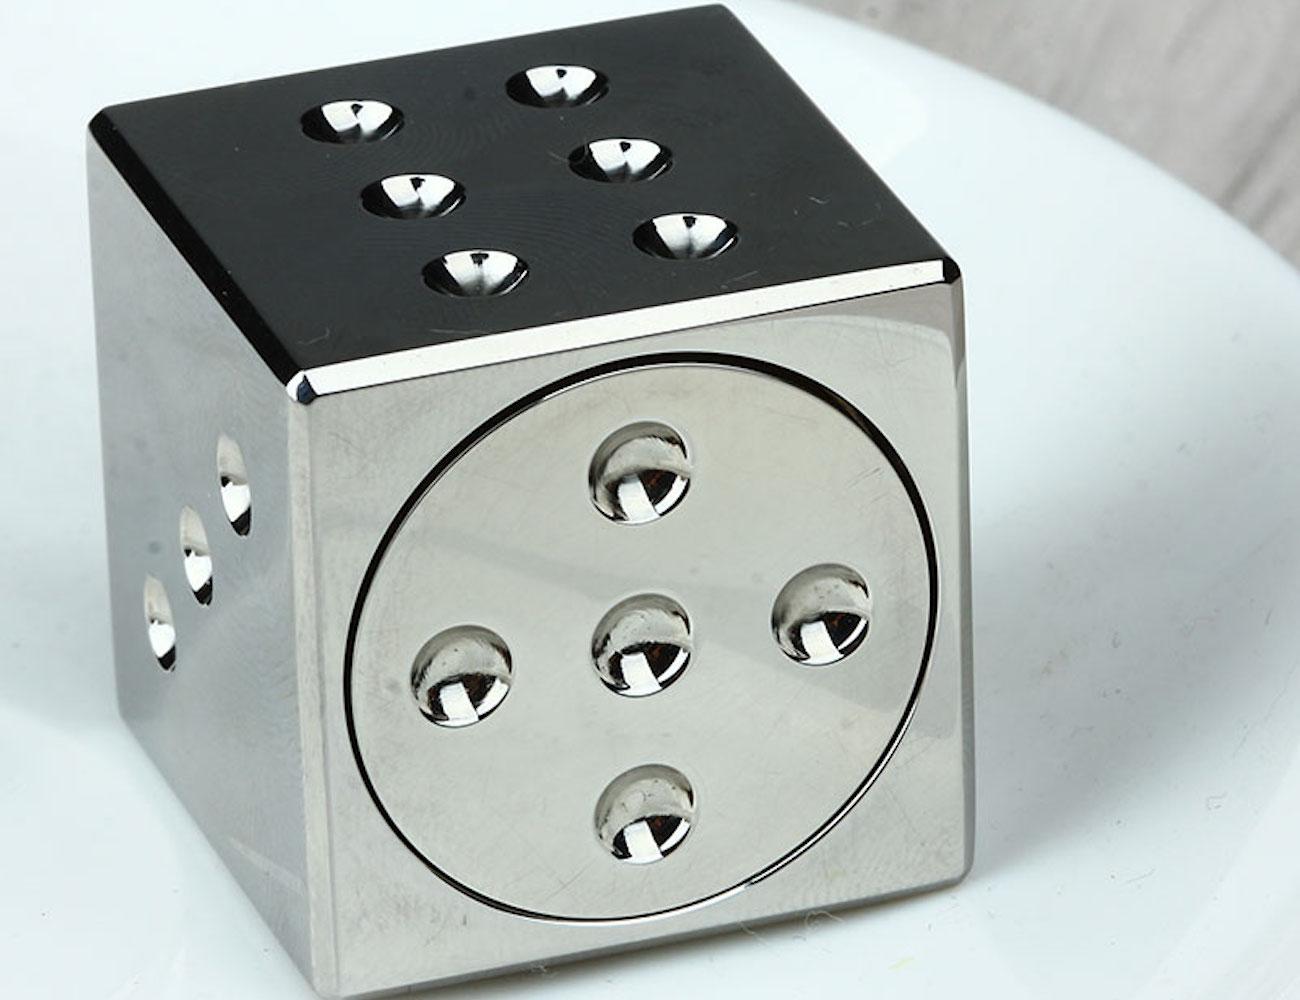 Metal Dice Fidget Cube